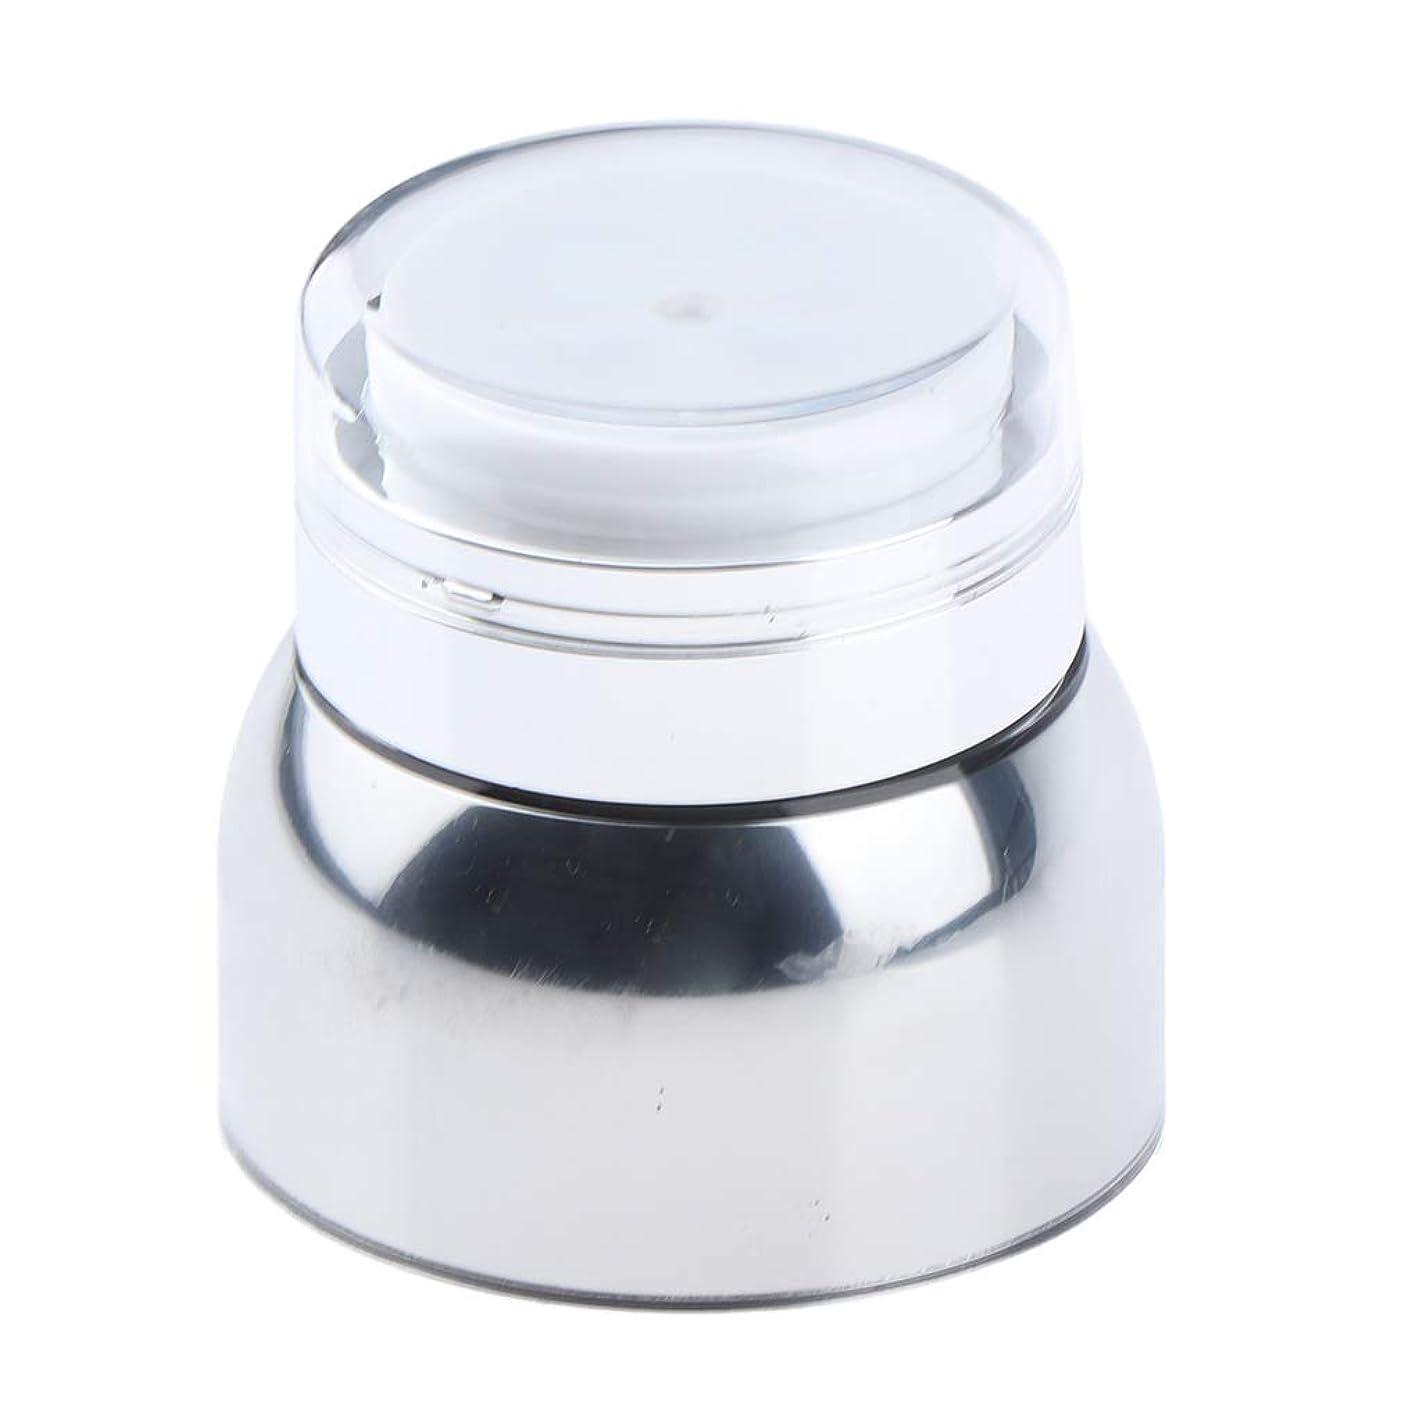 失敗楕円形ナチュラB Blesiya 50g 真空化粧品ジャー メイクボックス 化粧品容器 ローション クリーム 高品質